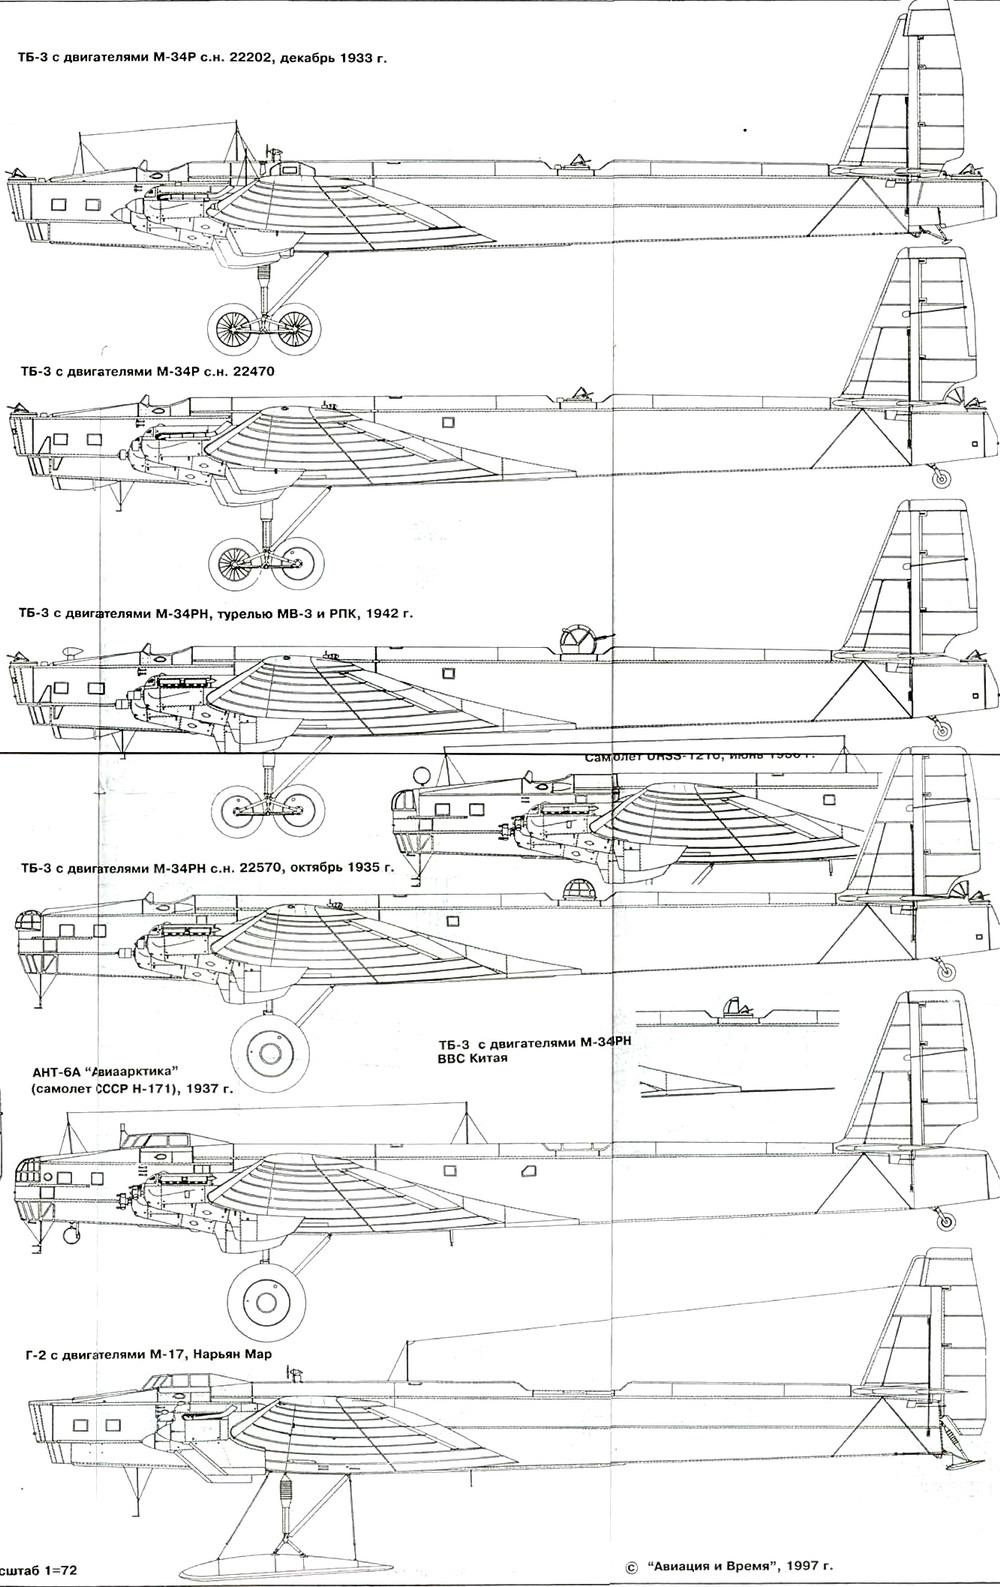 схема подключения продувочного клапана бмв м 54